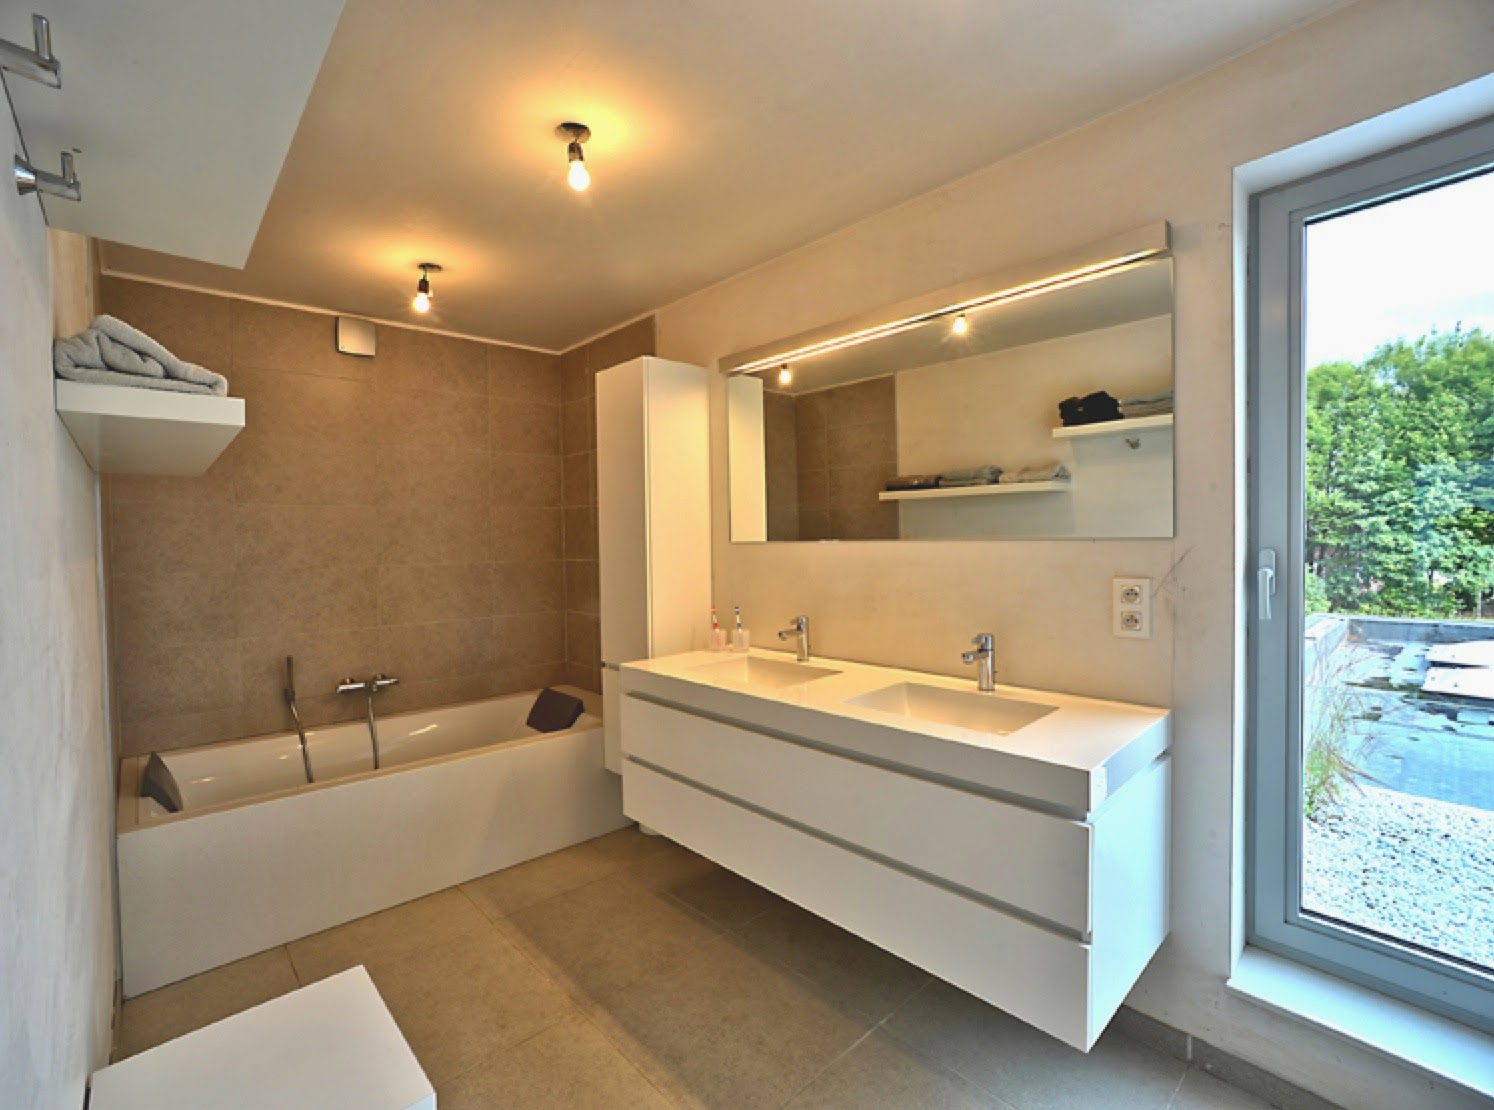 Realisaties interieur badkamers interieurbouw claesen for Interieur badkamer